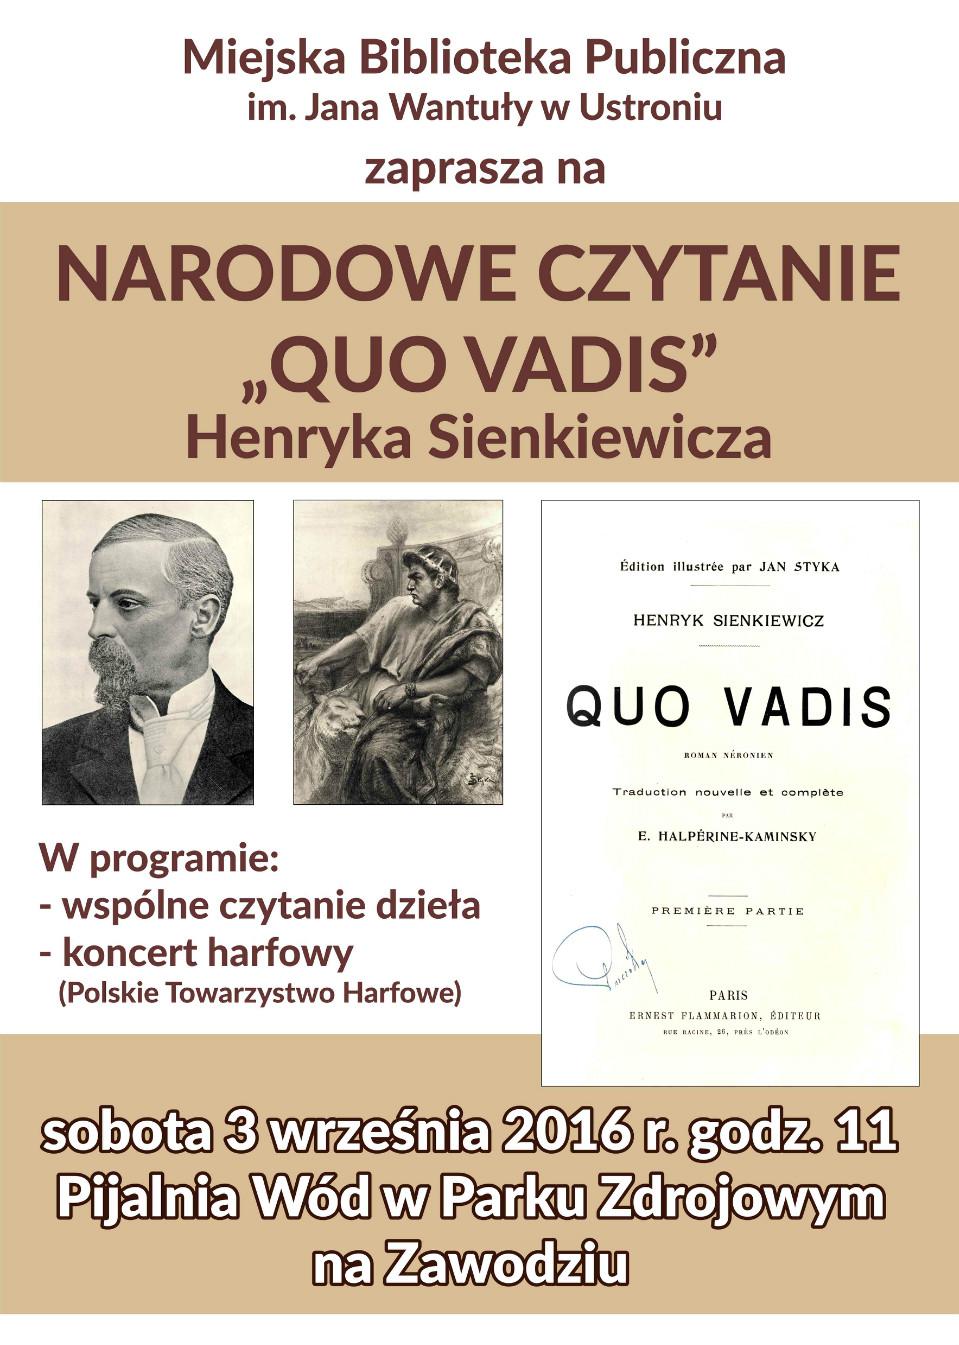 Narodowe Czytanie - 3 wrześień, 11.oo, Park Zdrojowy